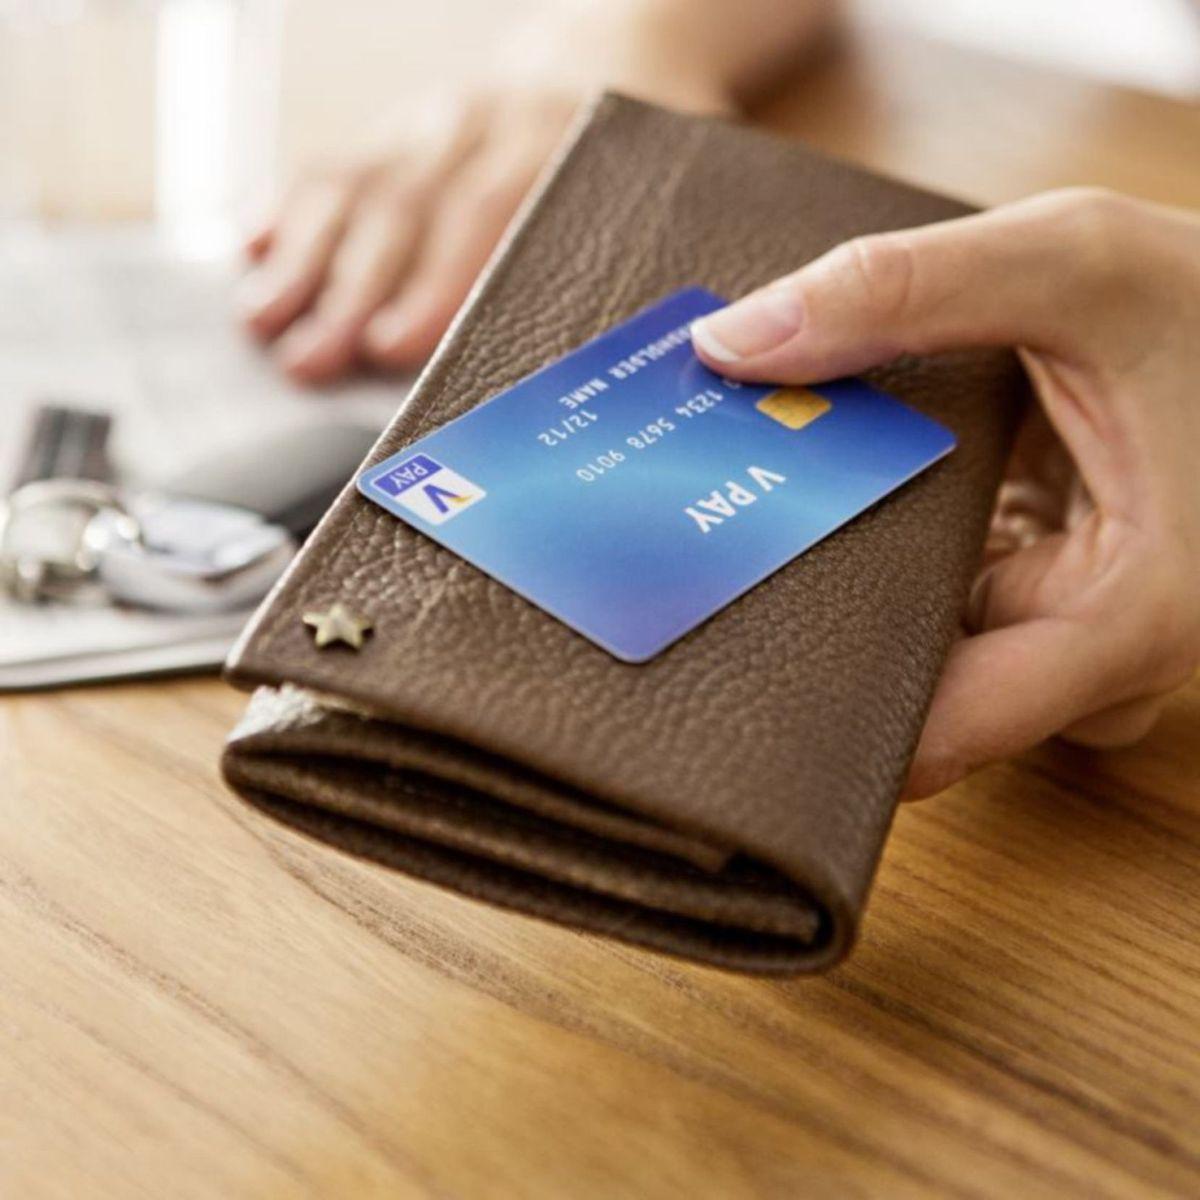 Warteschleife Probleme Mit V Pay Von Visa Der Spiegel